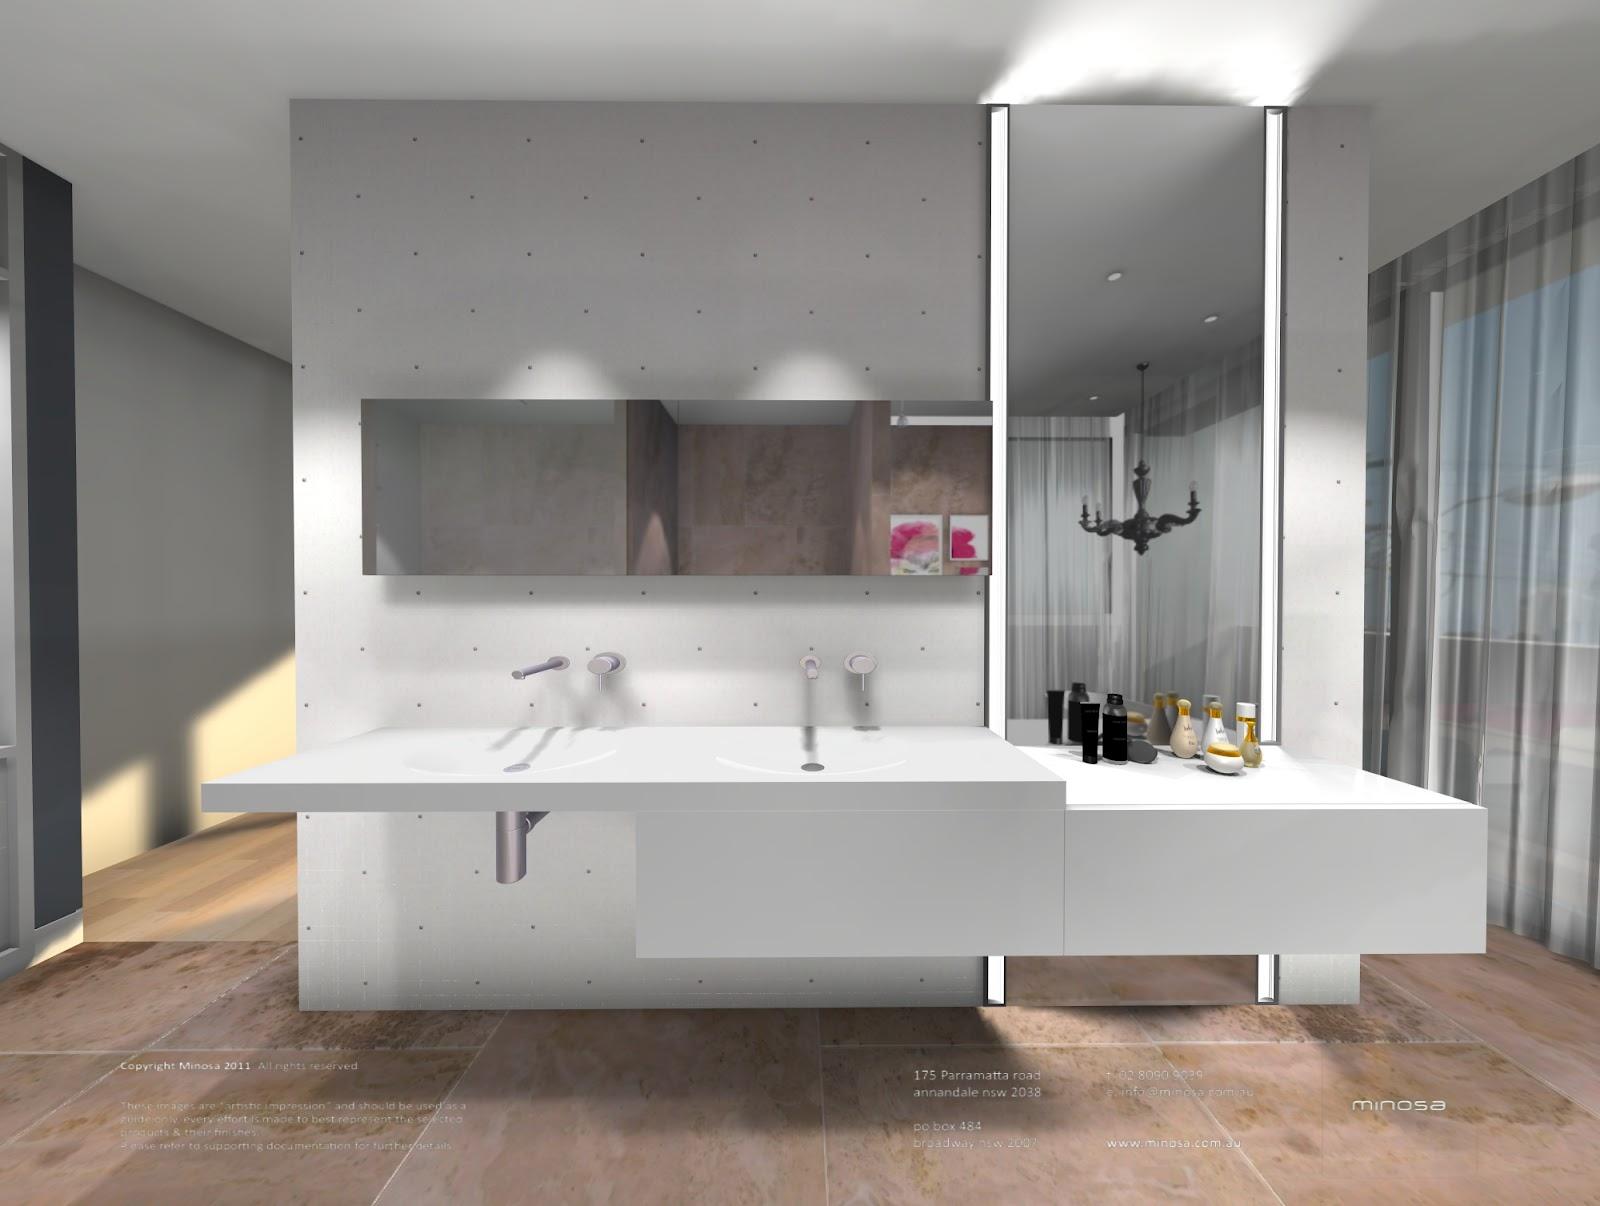 Minosa modern bathroom products focus on design for Bathroom design products